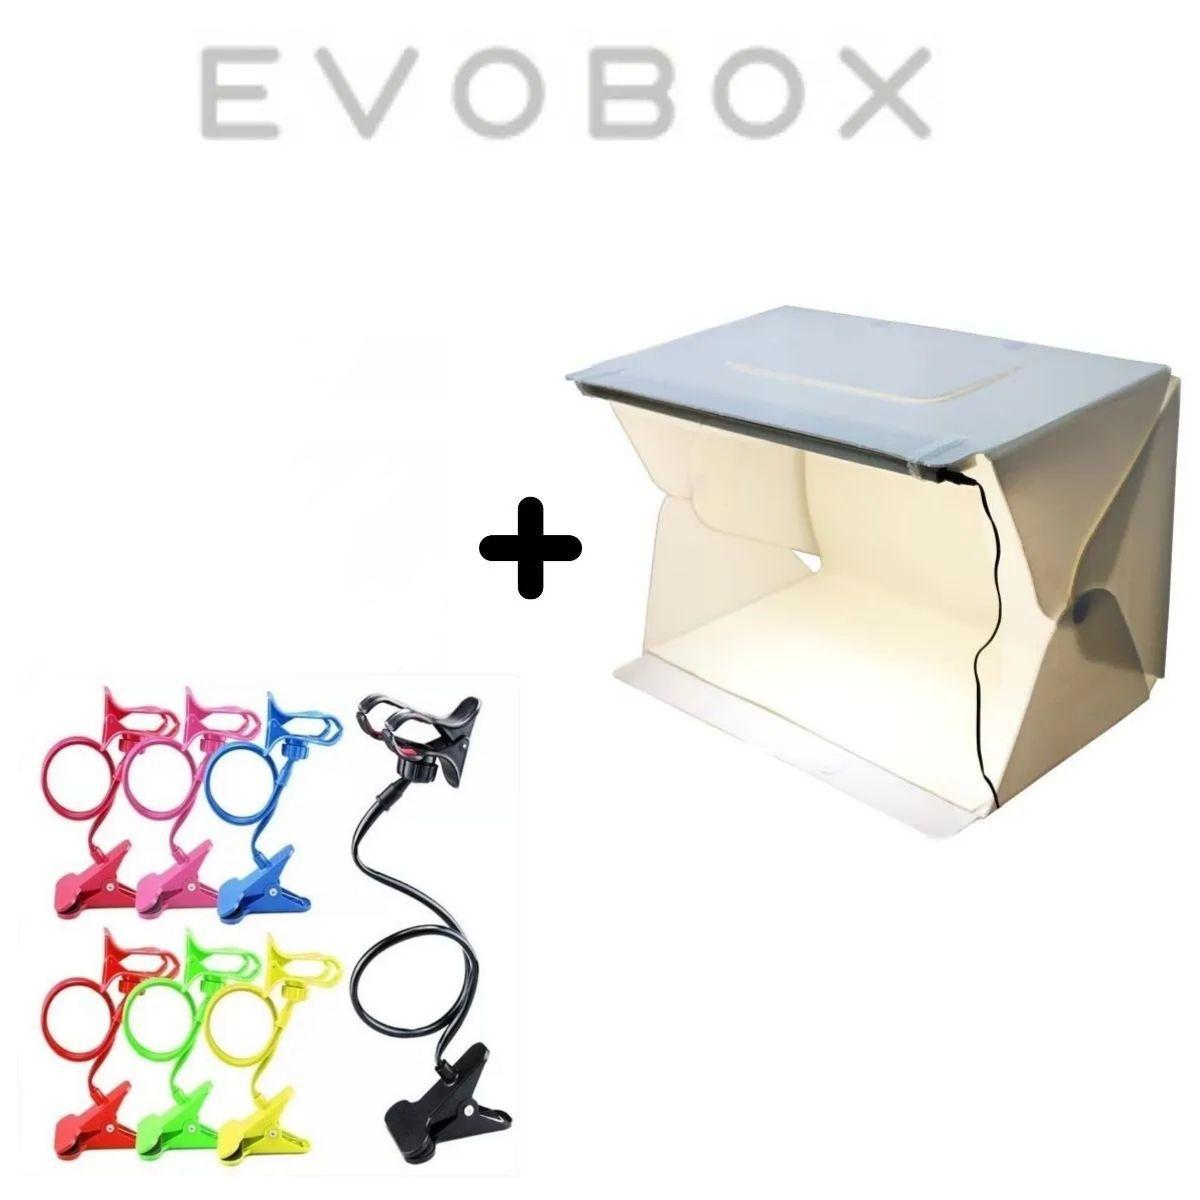 Kit Mini Estúdio De 56 Leds Evobox 60cm Plus + Tripé Articulado Para Celular Pescoço